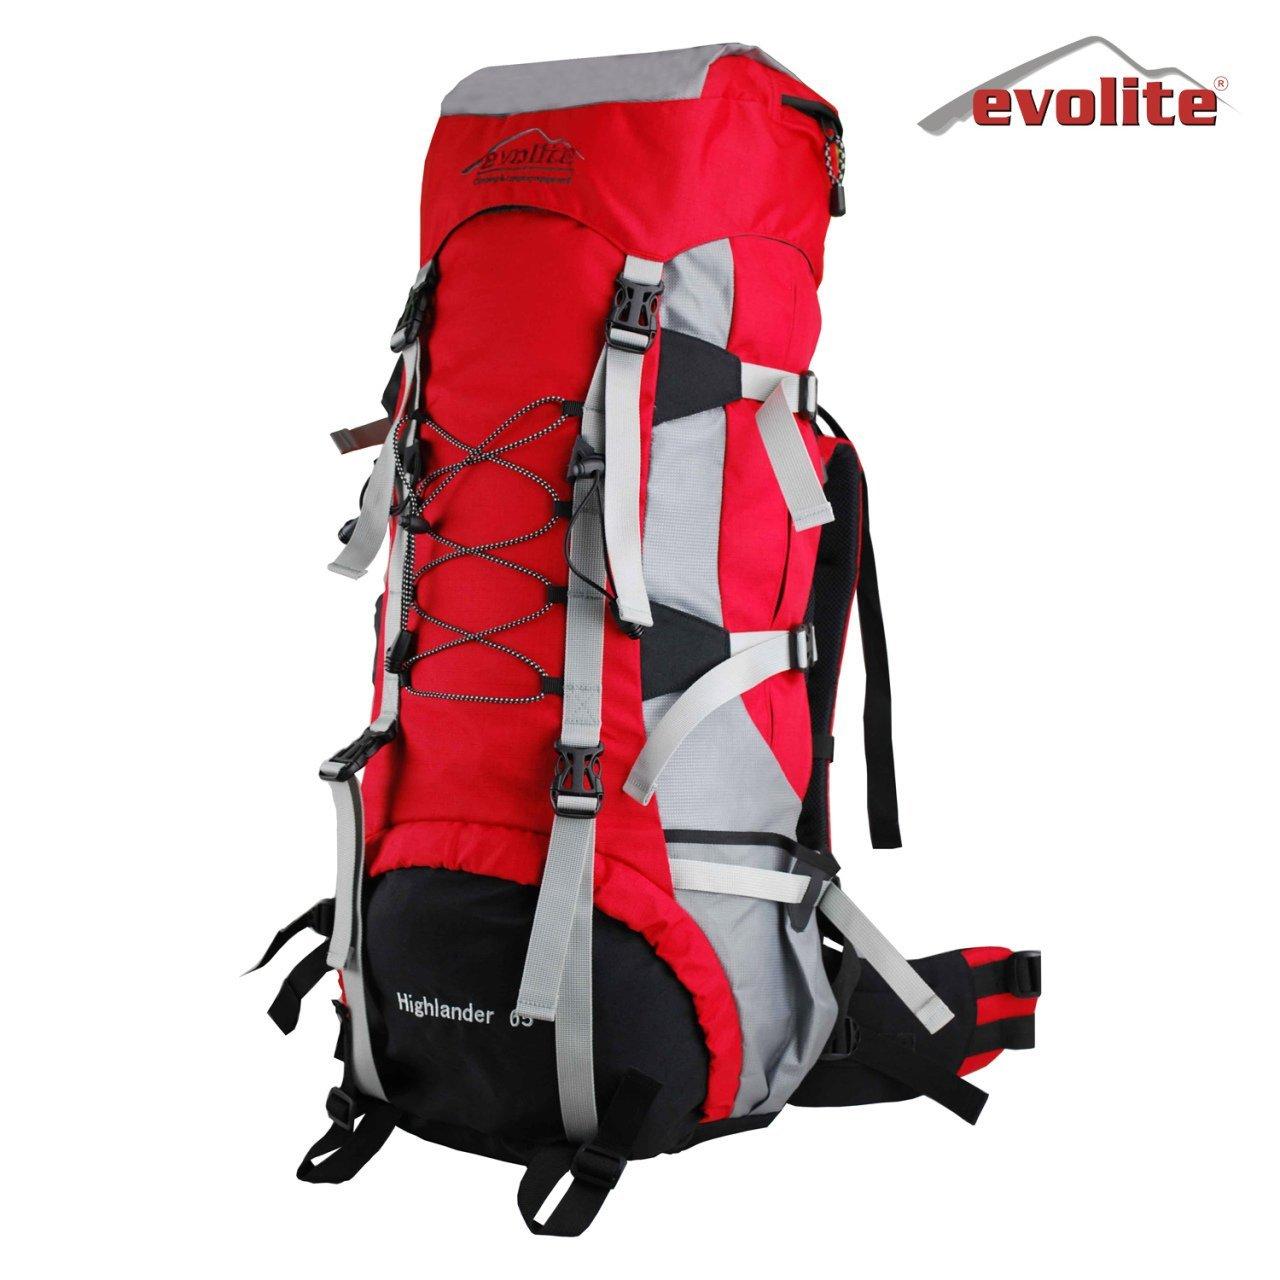 377cdde537551 Bunlar; Victorinox Travel Gear, Ferrino, Lowe Alpine, JR Gear, Berg,  Swissgear, Wenger Travel Gear, Herschel, Vans, Loap, Evolite, Lacoste,  G.ride, Lafuma, ...